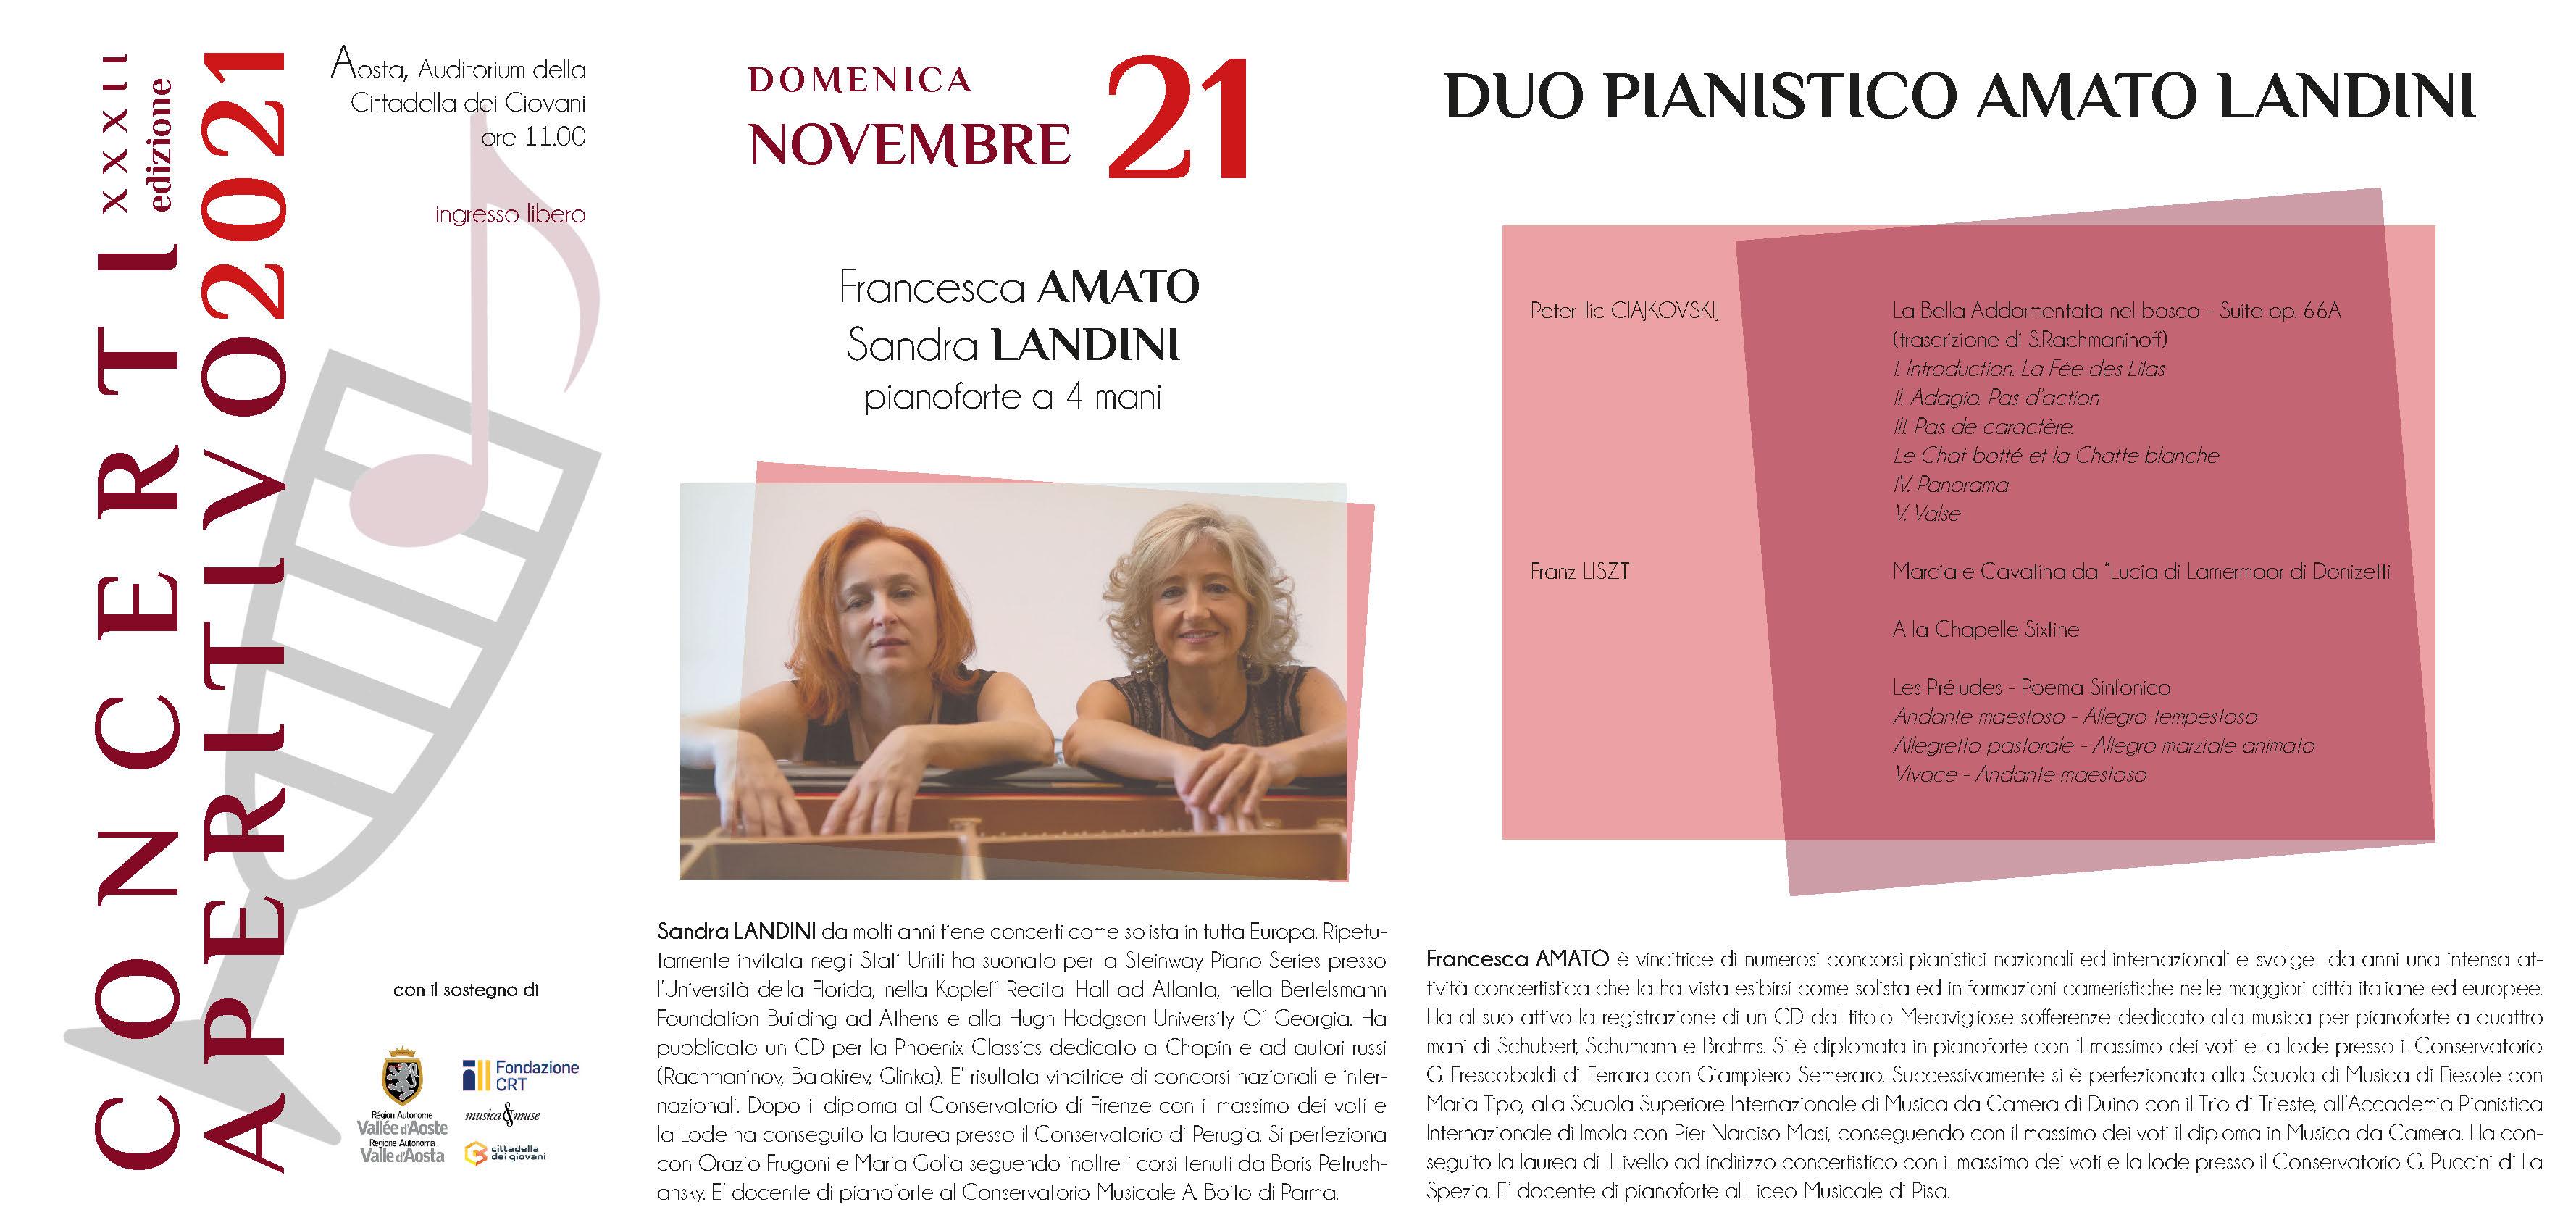 Locandina Concerti Aperitivo - Aosta inverno 2021 quarta data